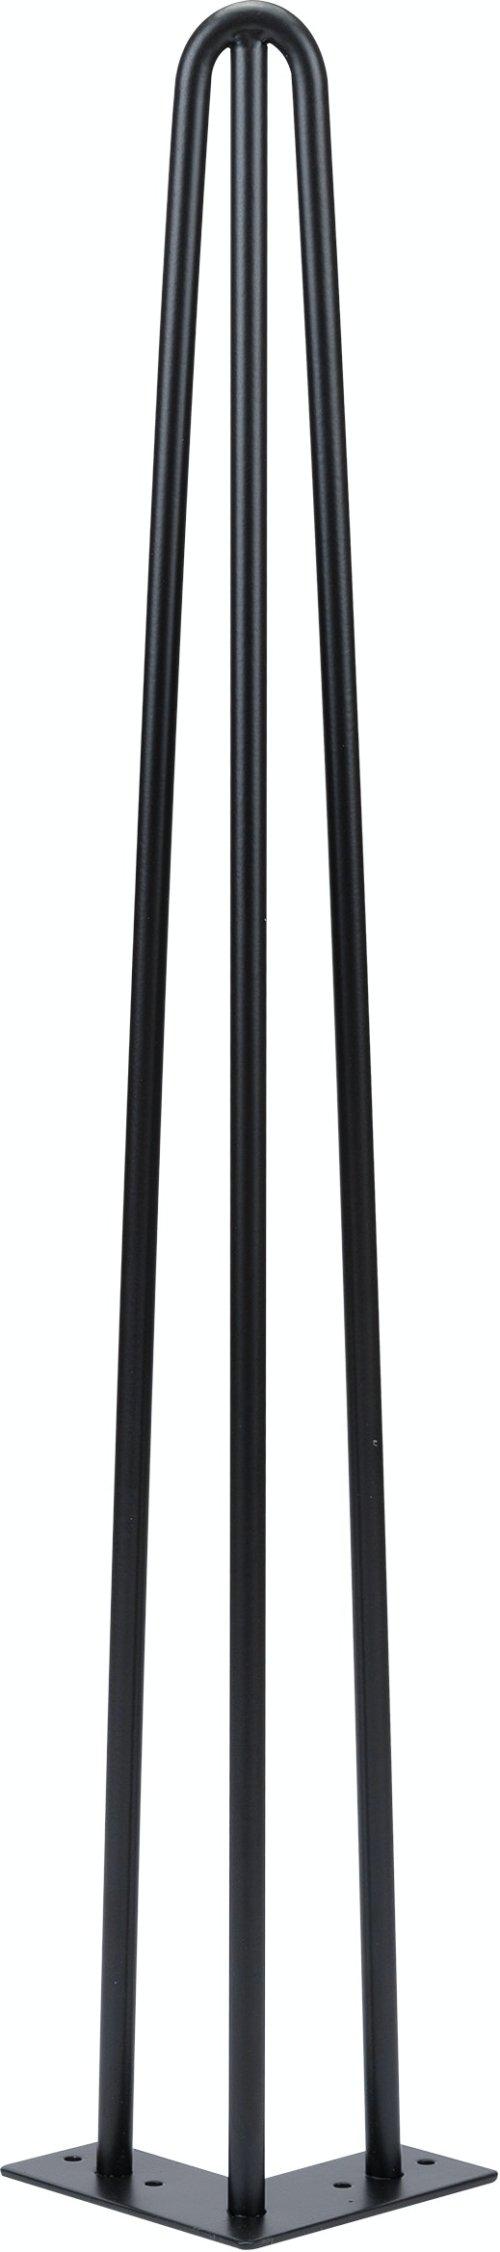 På billedet ser du variationen Elias, 3-rods hairpin-legs til plankebord, Ø1,2 cm. fra brandet Nielsen Design i en størrelse H: 71,5 cm. B: 7,5 cm. i farven Sort